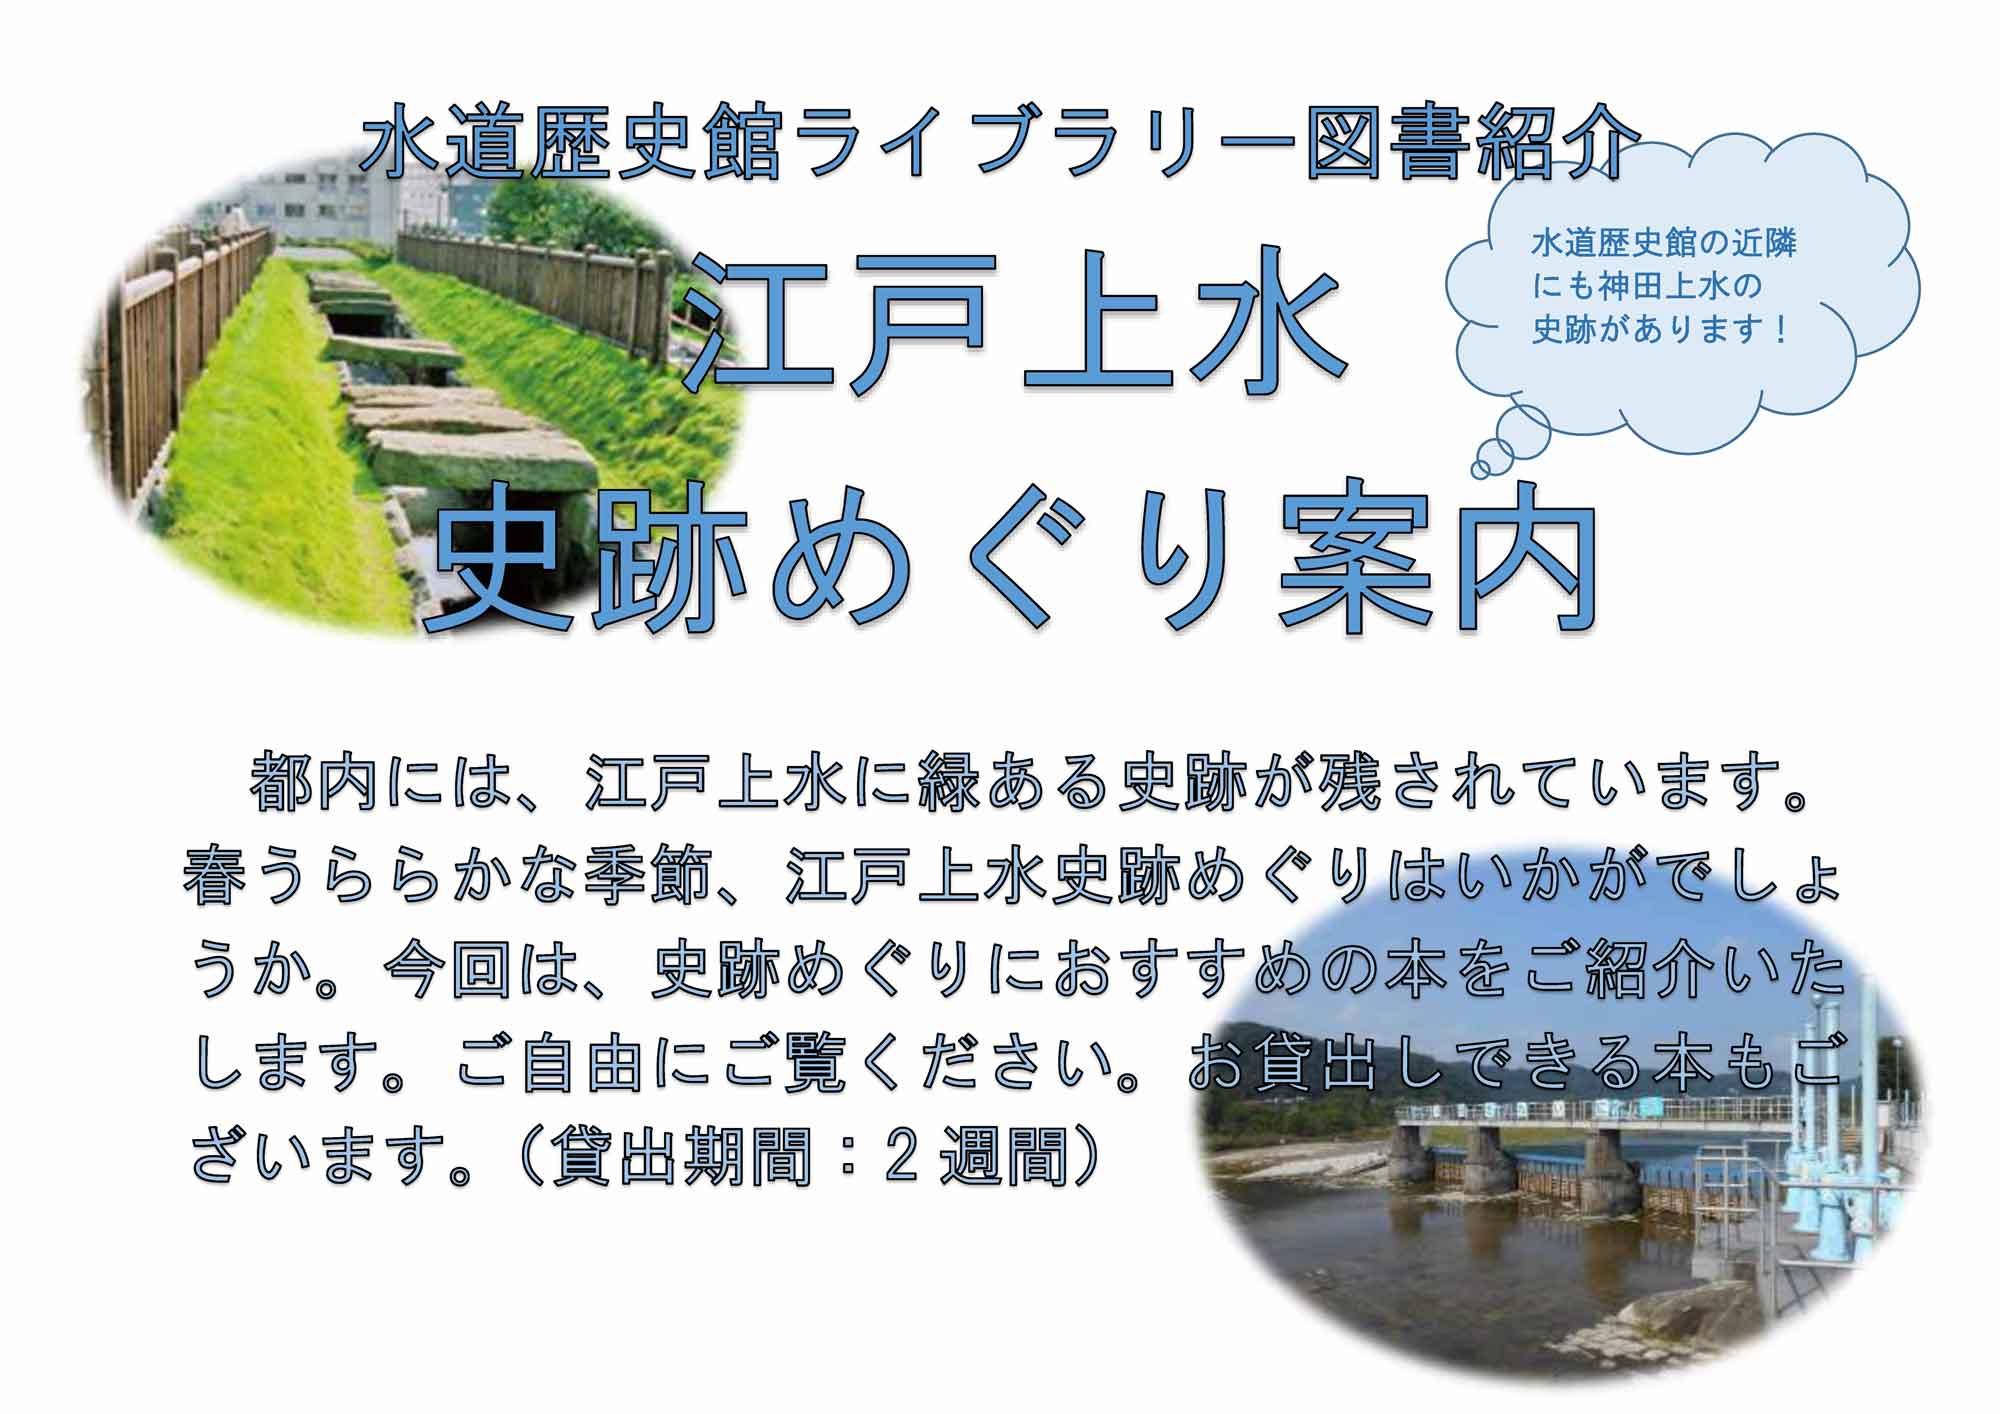 4月ライブラリー図書紹介「江戸上水史跡めぐり案内」